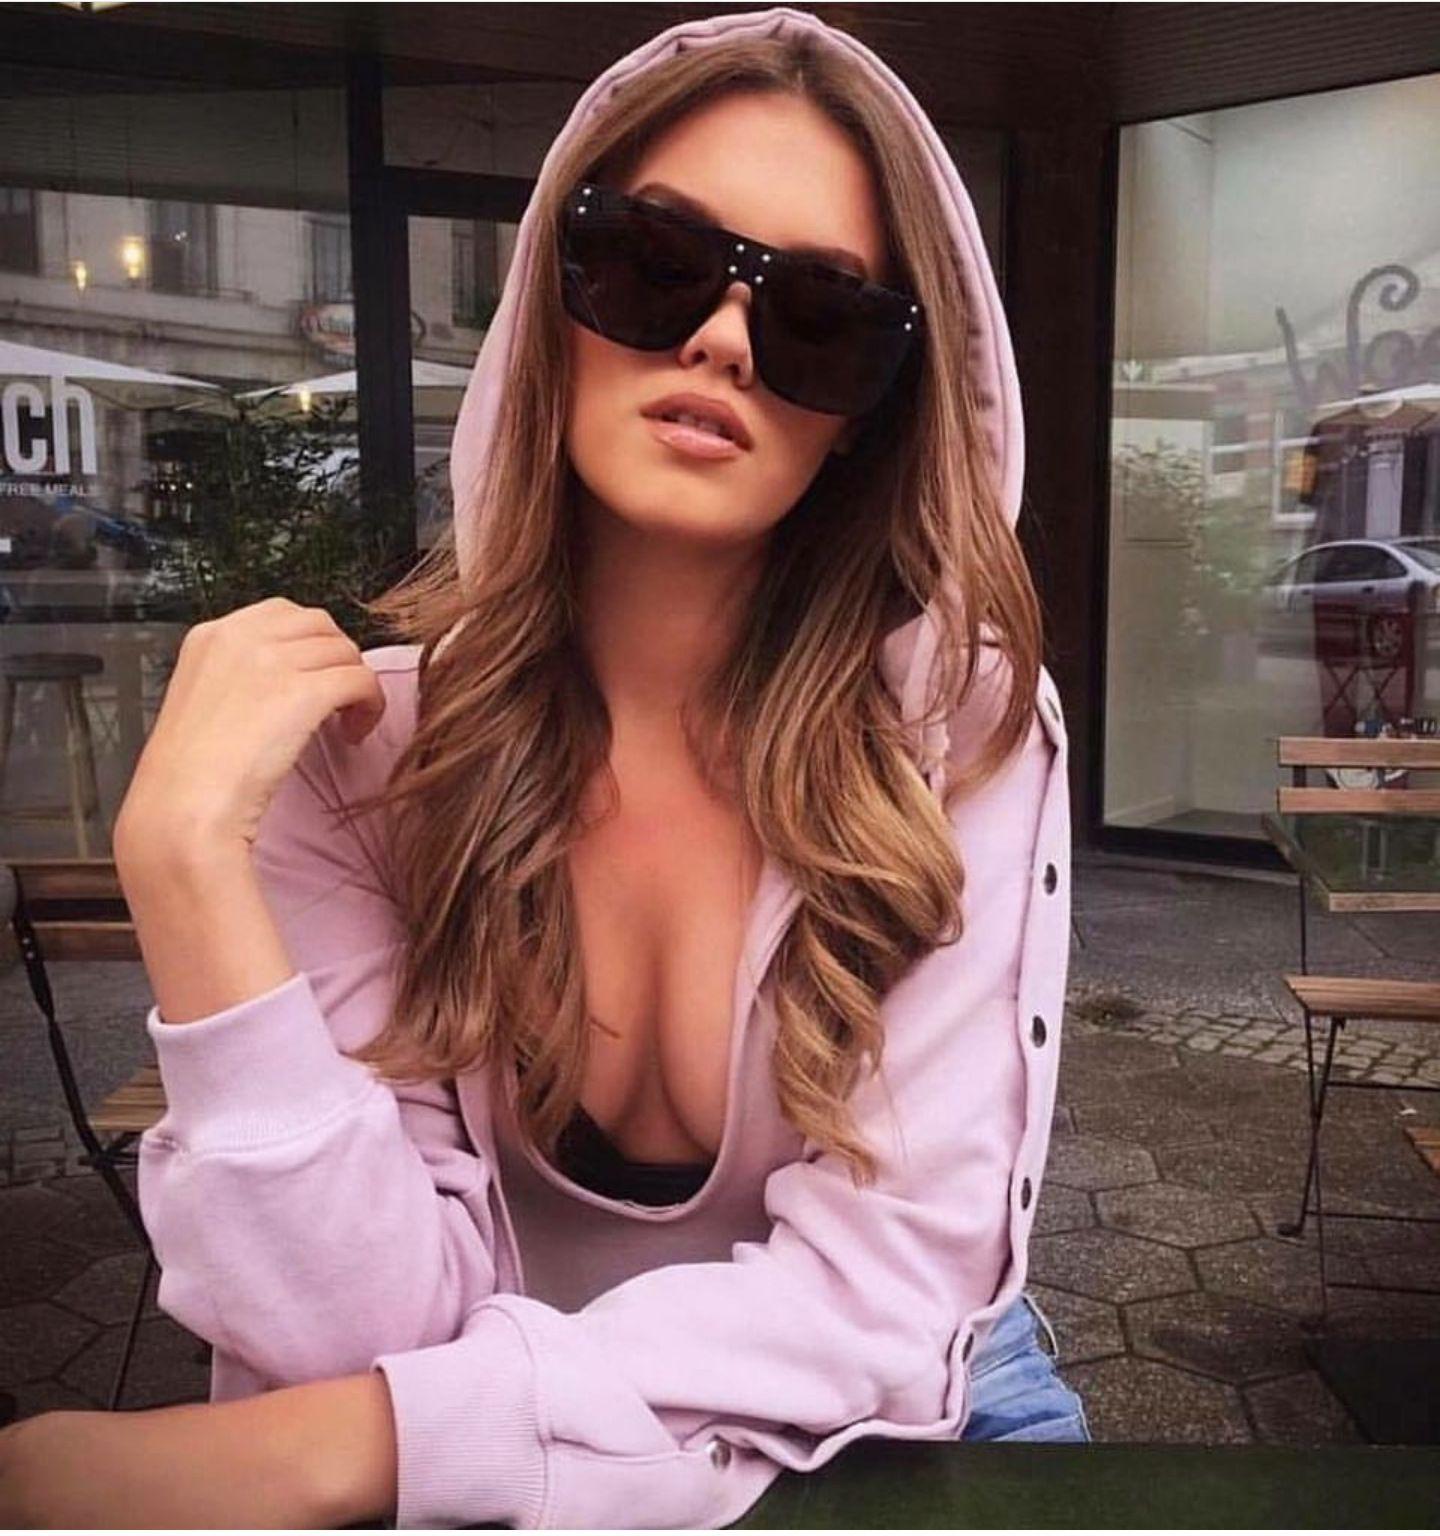 Boy kare güneş gözlükleri kadınlar flat top güneş gözlüğü moda Avustralya marka vintage retro tonları Büyük Siyah gözlük bayanlar 2019 yeni